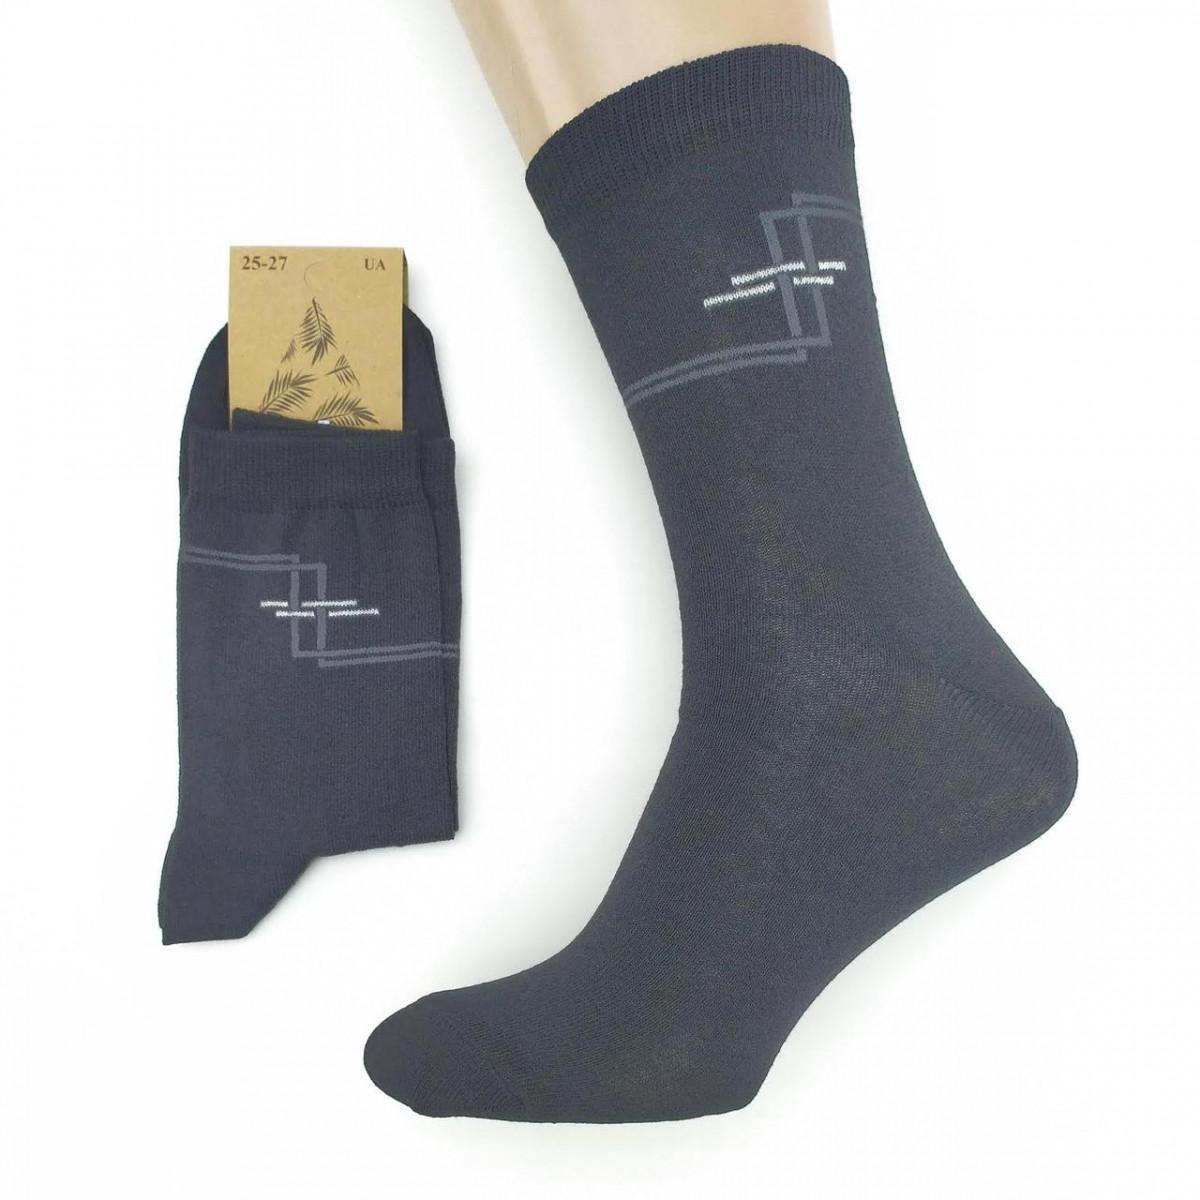 Носки мужские демисезонные средние Loft Socks 27-29р черные с узором 20034078